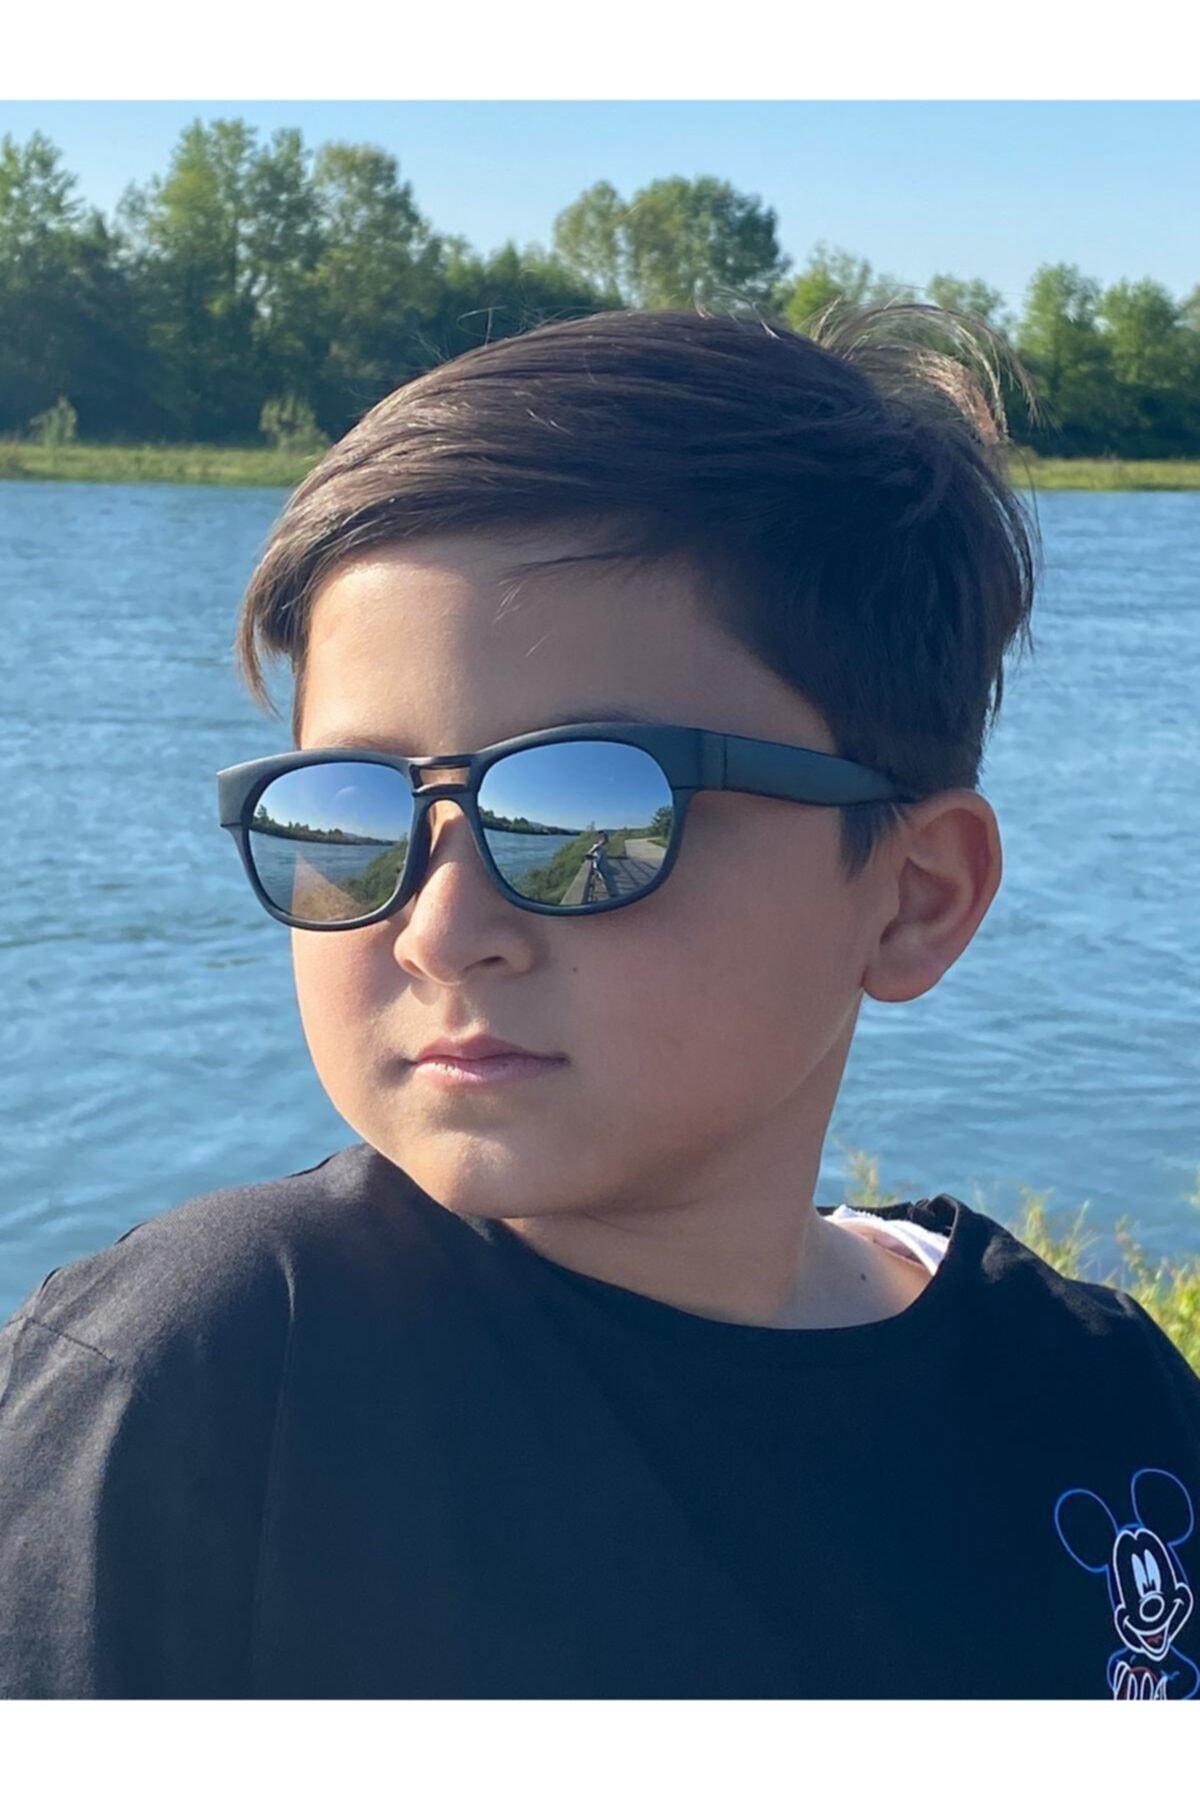 Elittrendshop Erkek Çocuk Aynalı Güneş Gözlüğü 4 - 8 Yaş Kids Sunglases Uv400